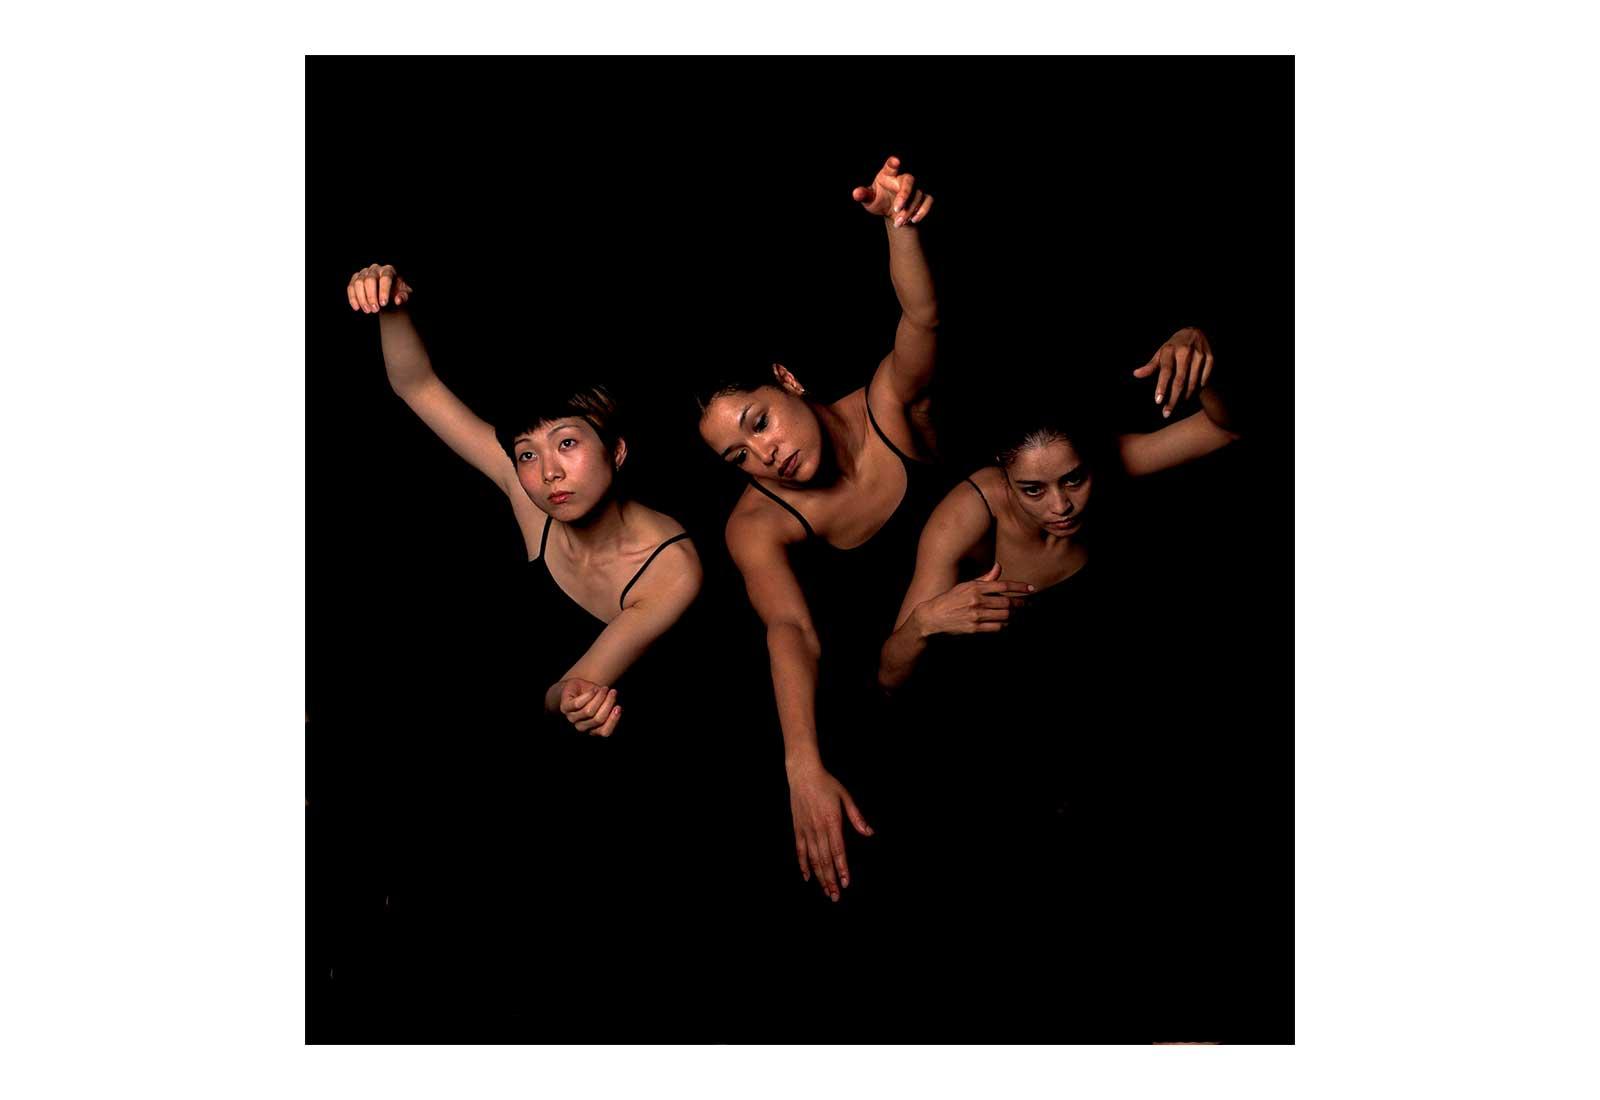 Maho Ihara, Moya Michael and Shanelle Winlock -